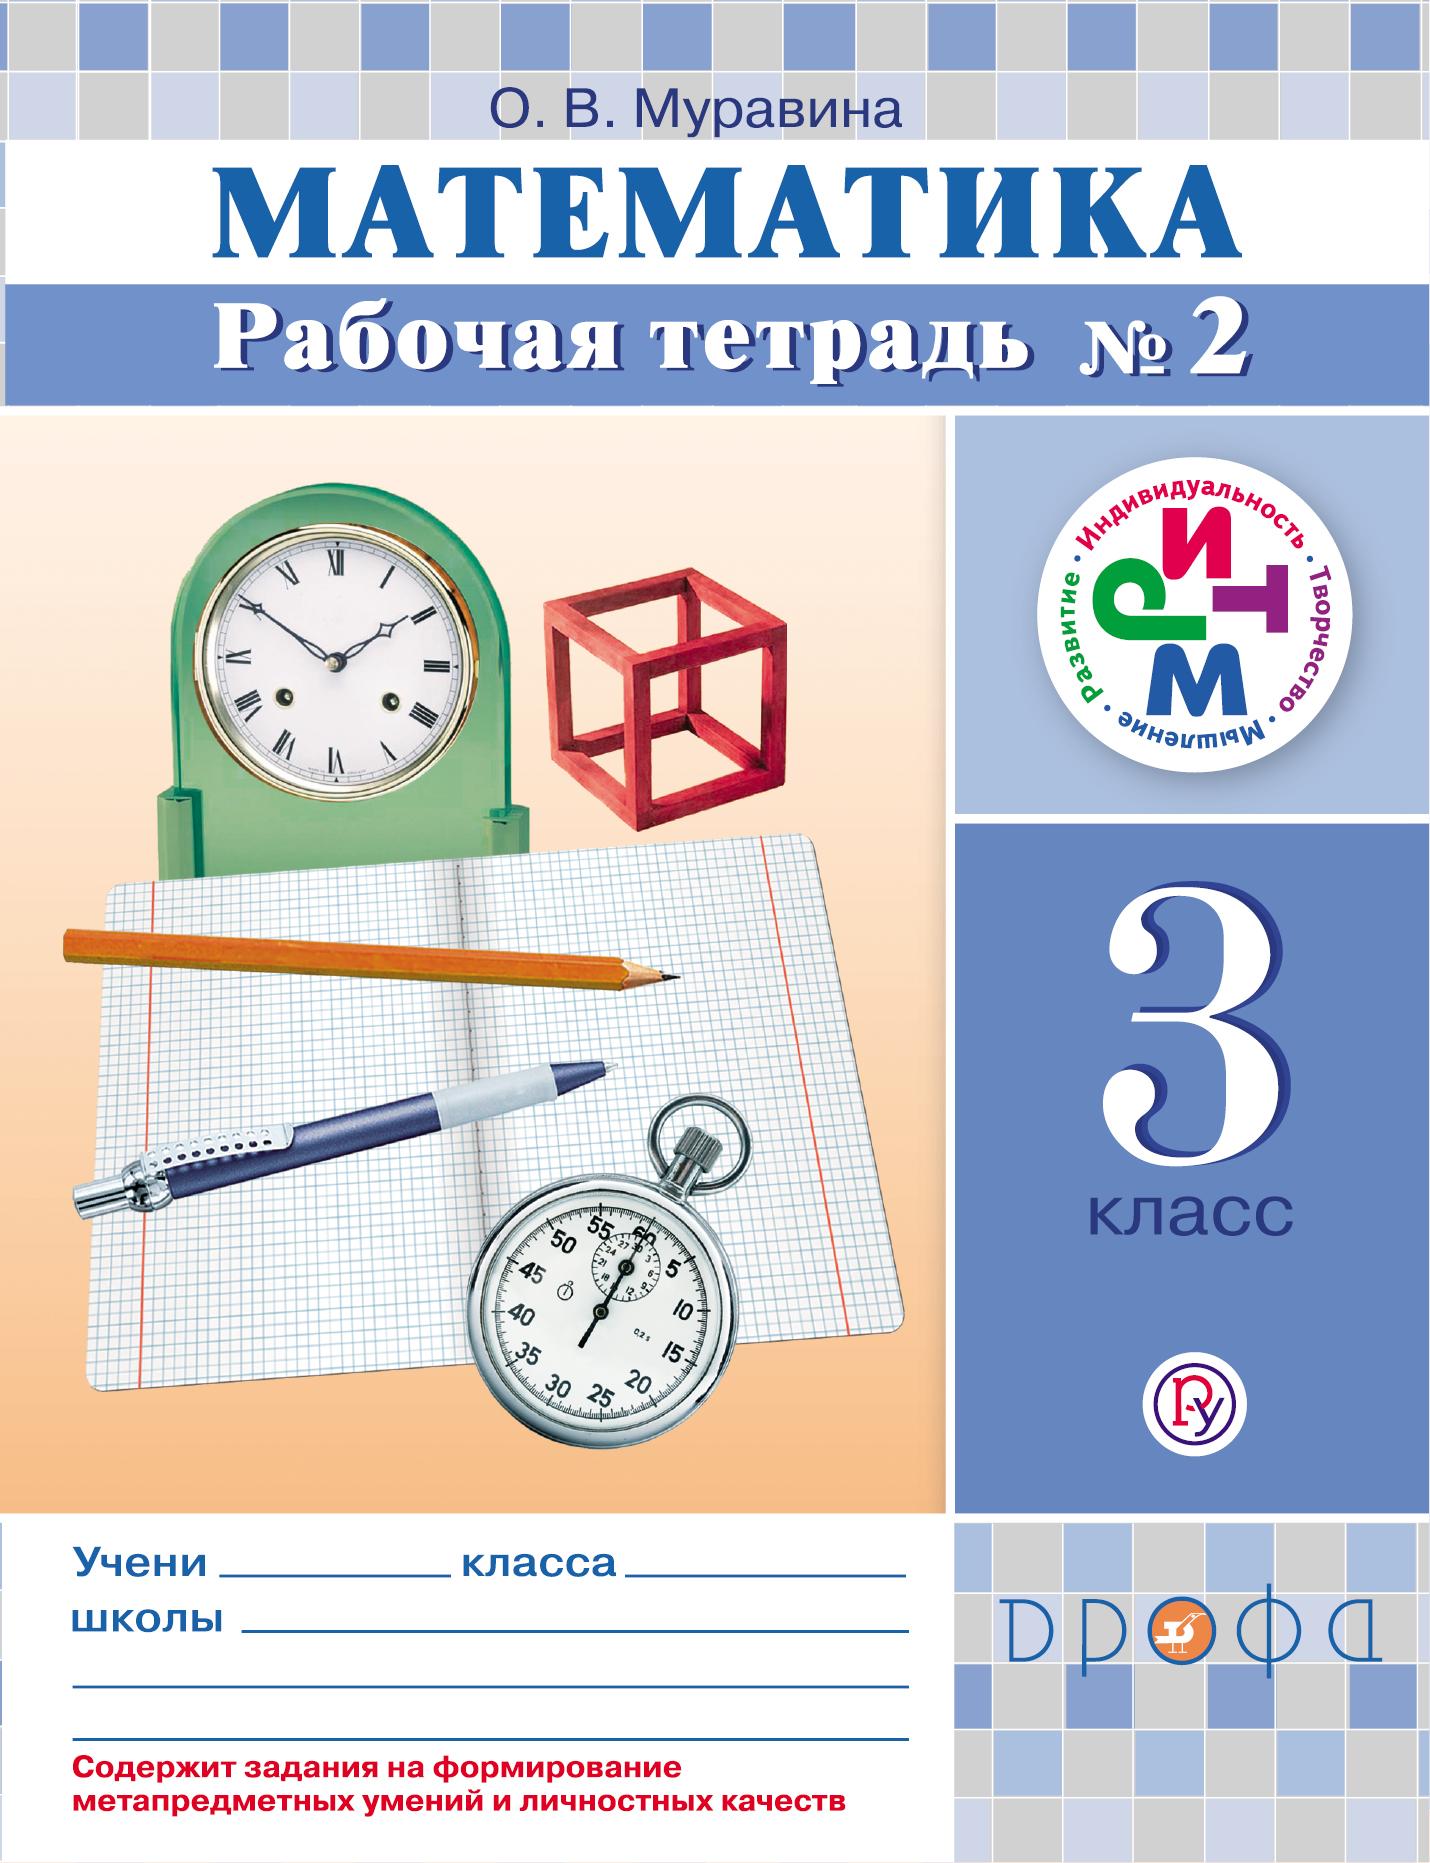 Муравина О.В. Математика. 3 кл. Рабочая тетрадь. №2 РИТМ александрова н в математика 3 кл рабочая тетрадь 1